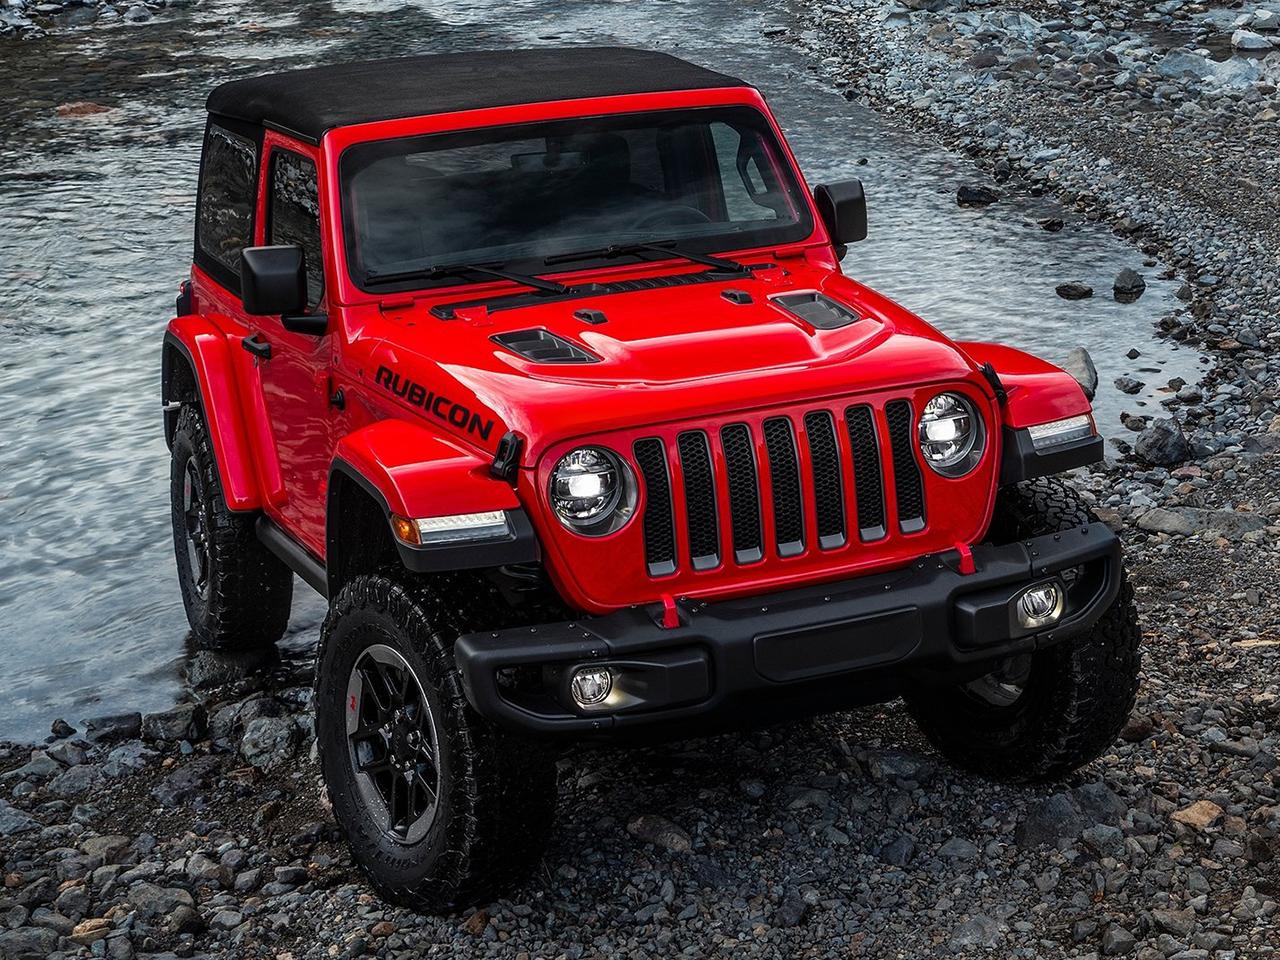 Jeep Wrangler 2018 nuevos: Pruebas, actualidad y ofertas ...